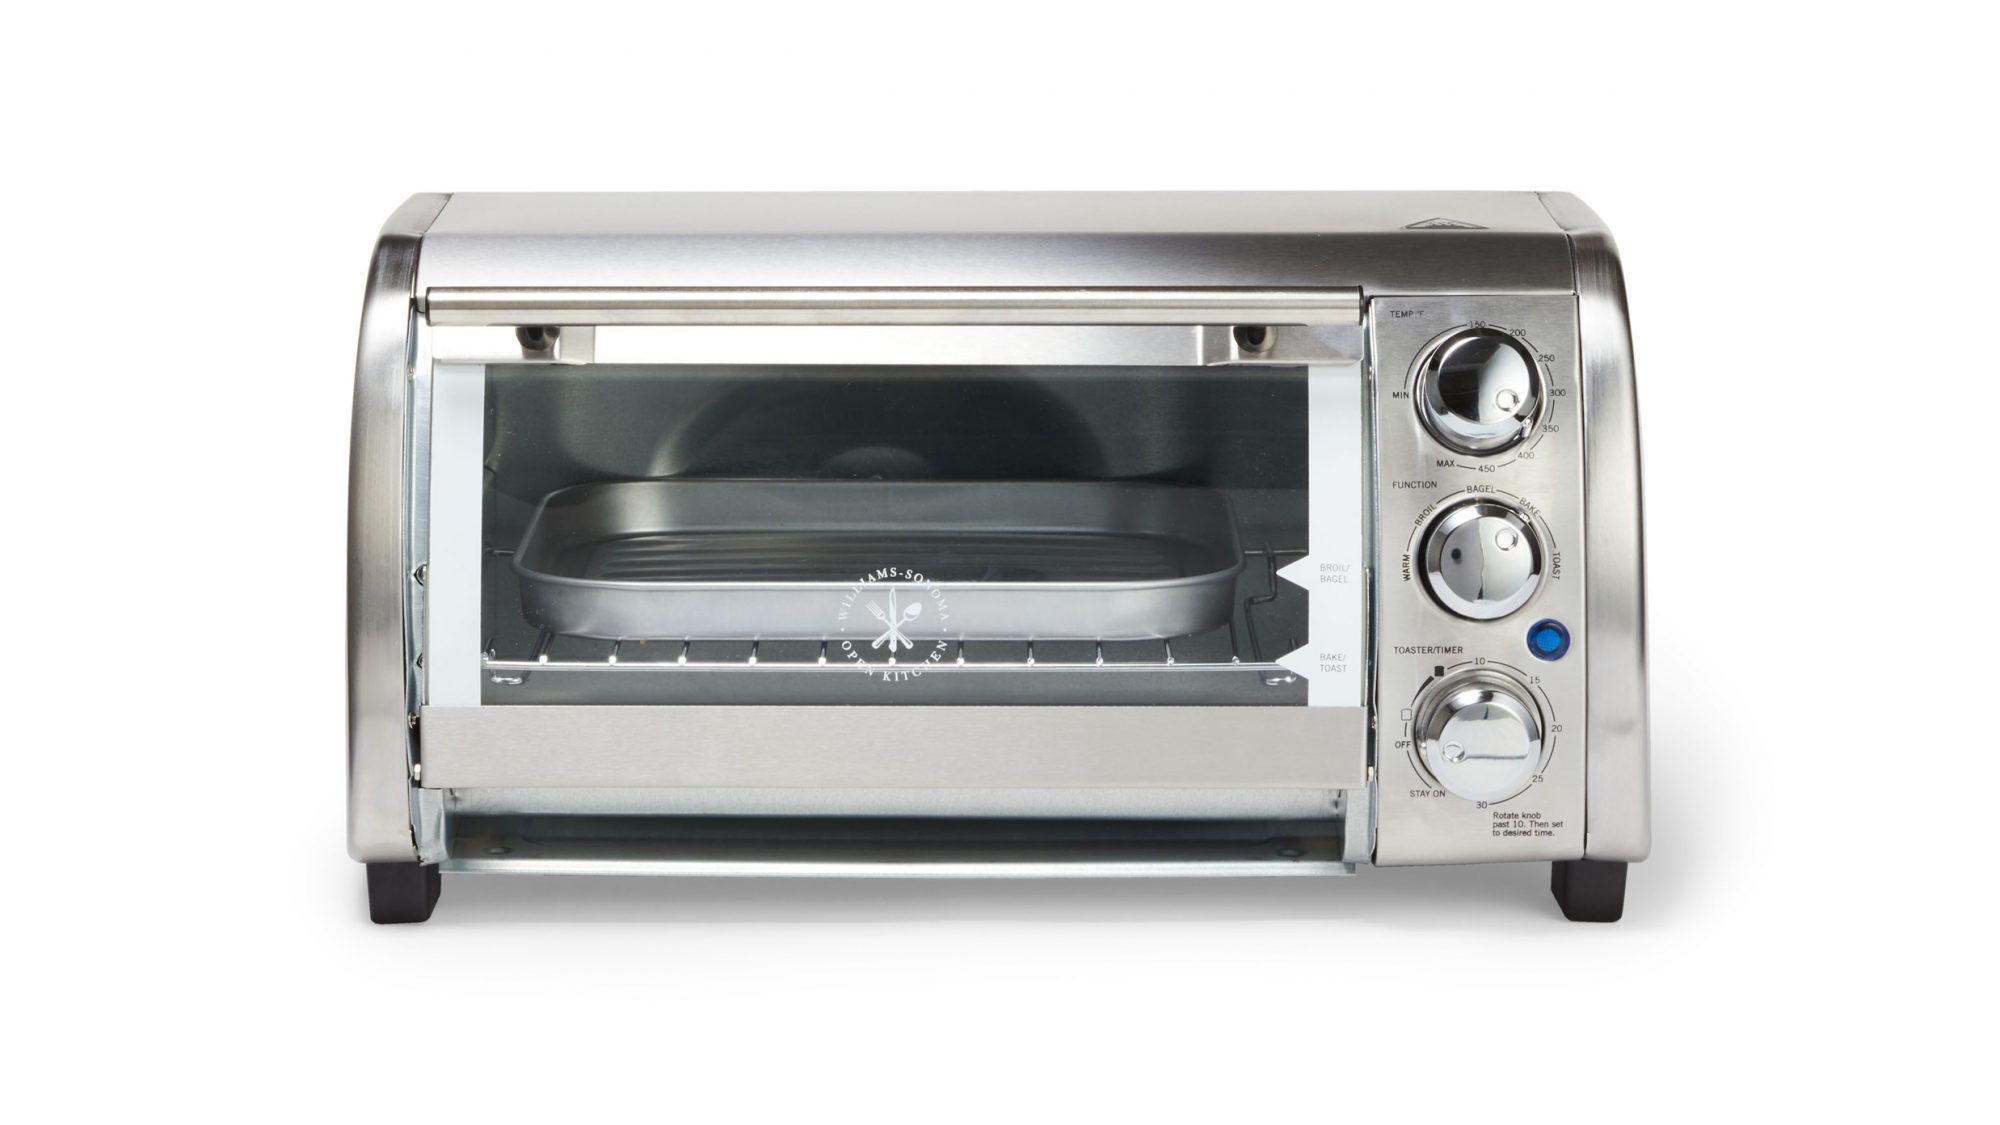 williams sonoma open kitchen stainless steel toaster oven